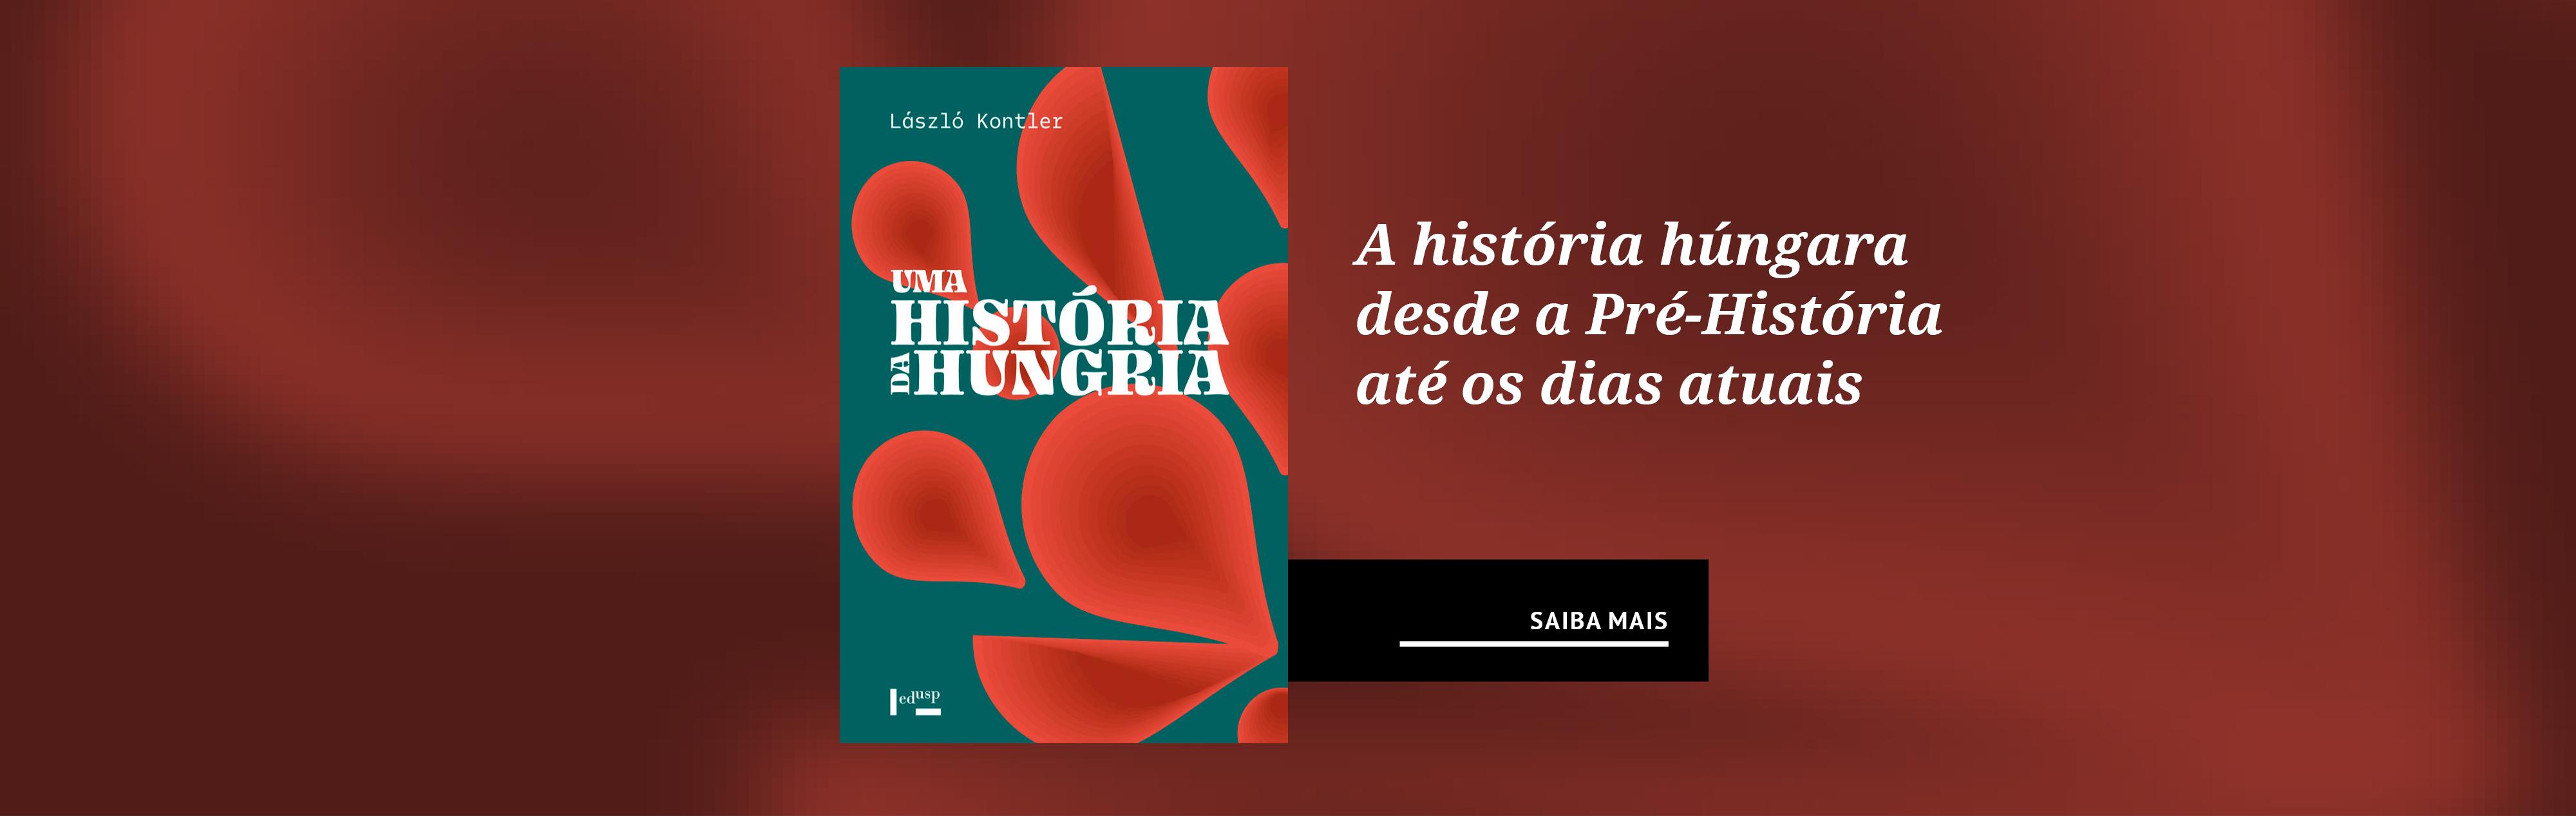 A história húngura desde a Pré-História até os dias atuais